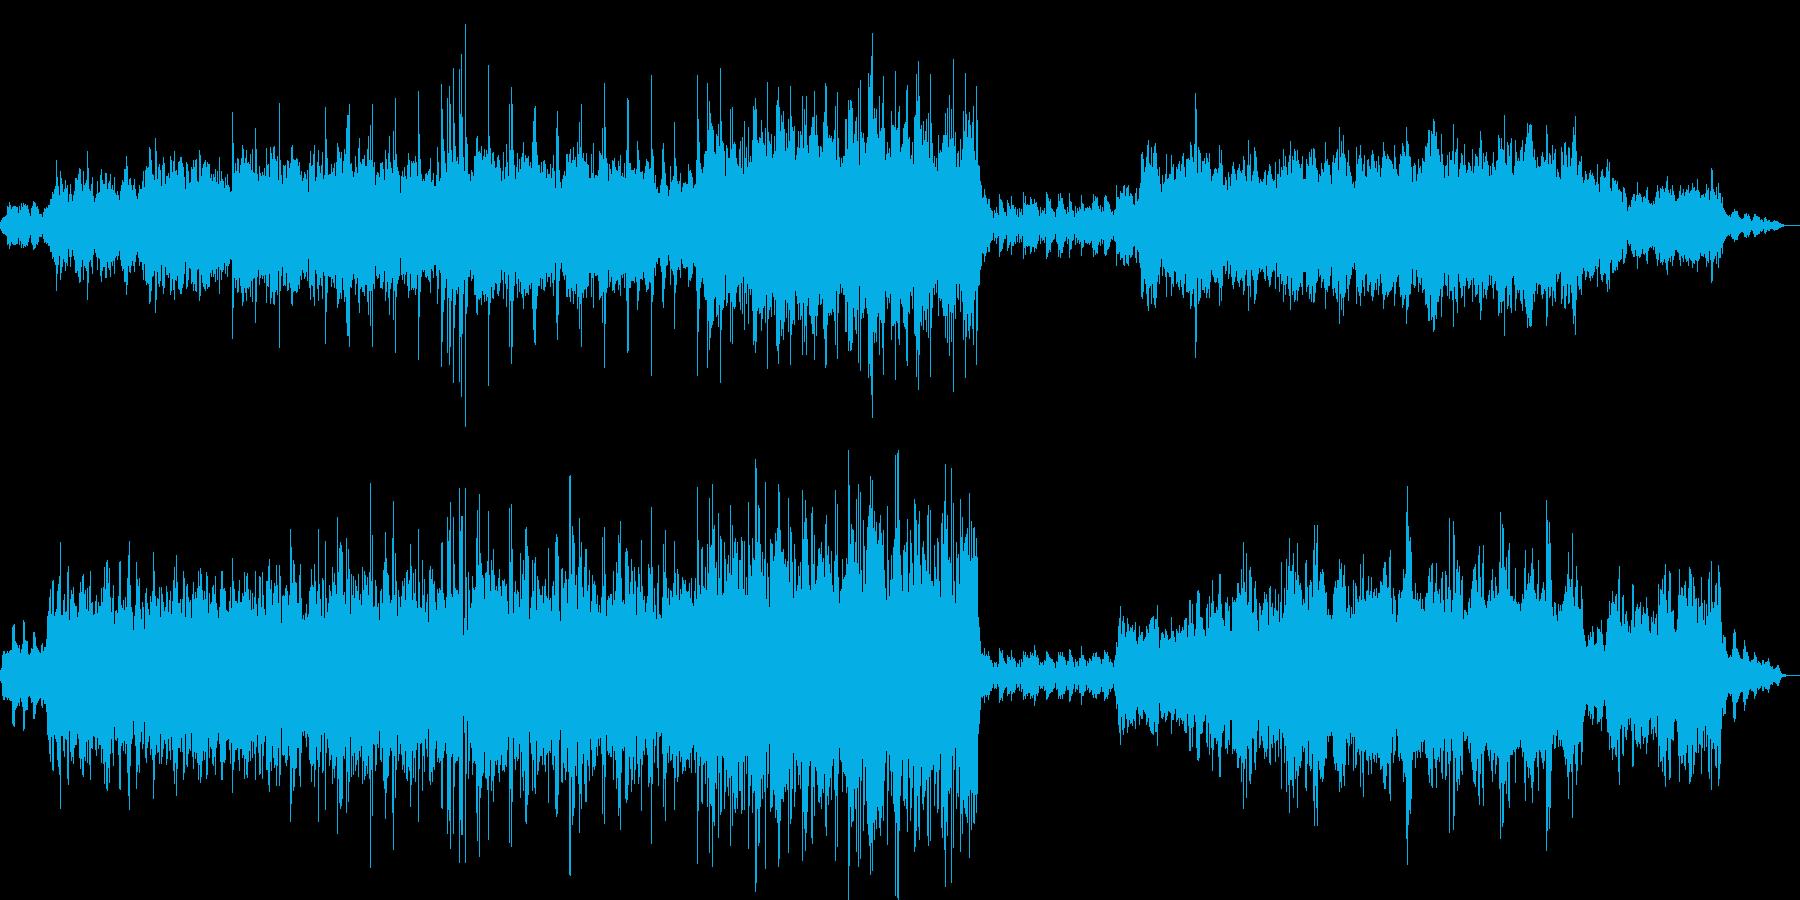 幻想的で美しいヒーリングミュージックの再生済みの波形